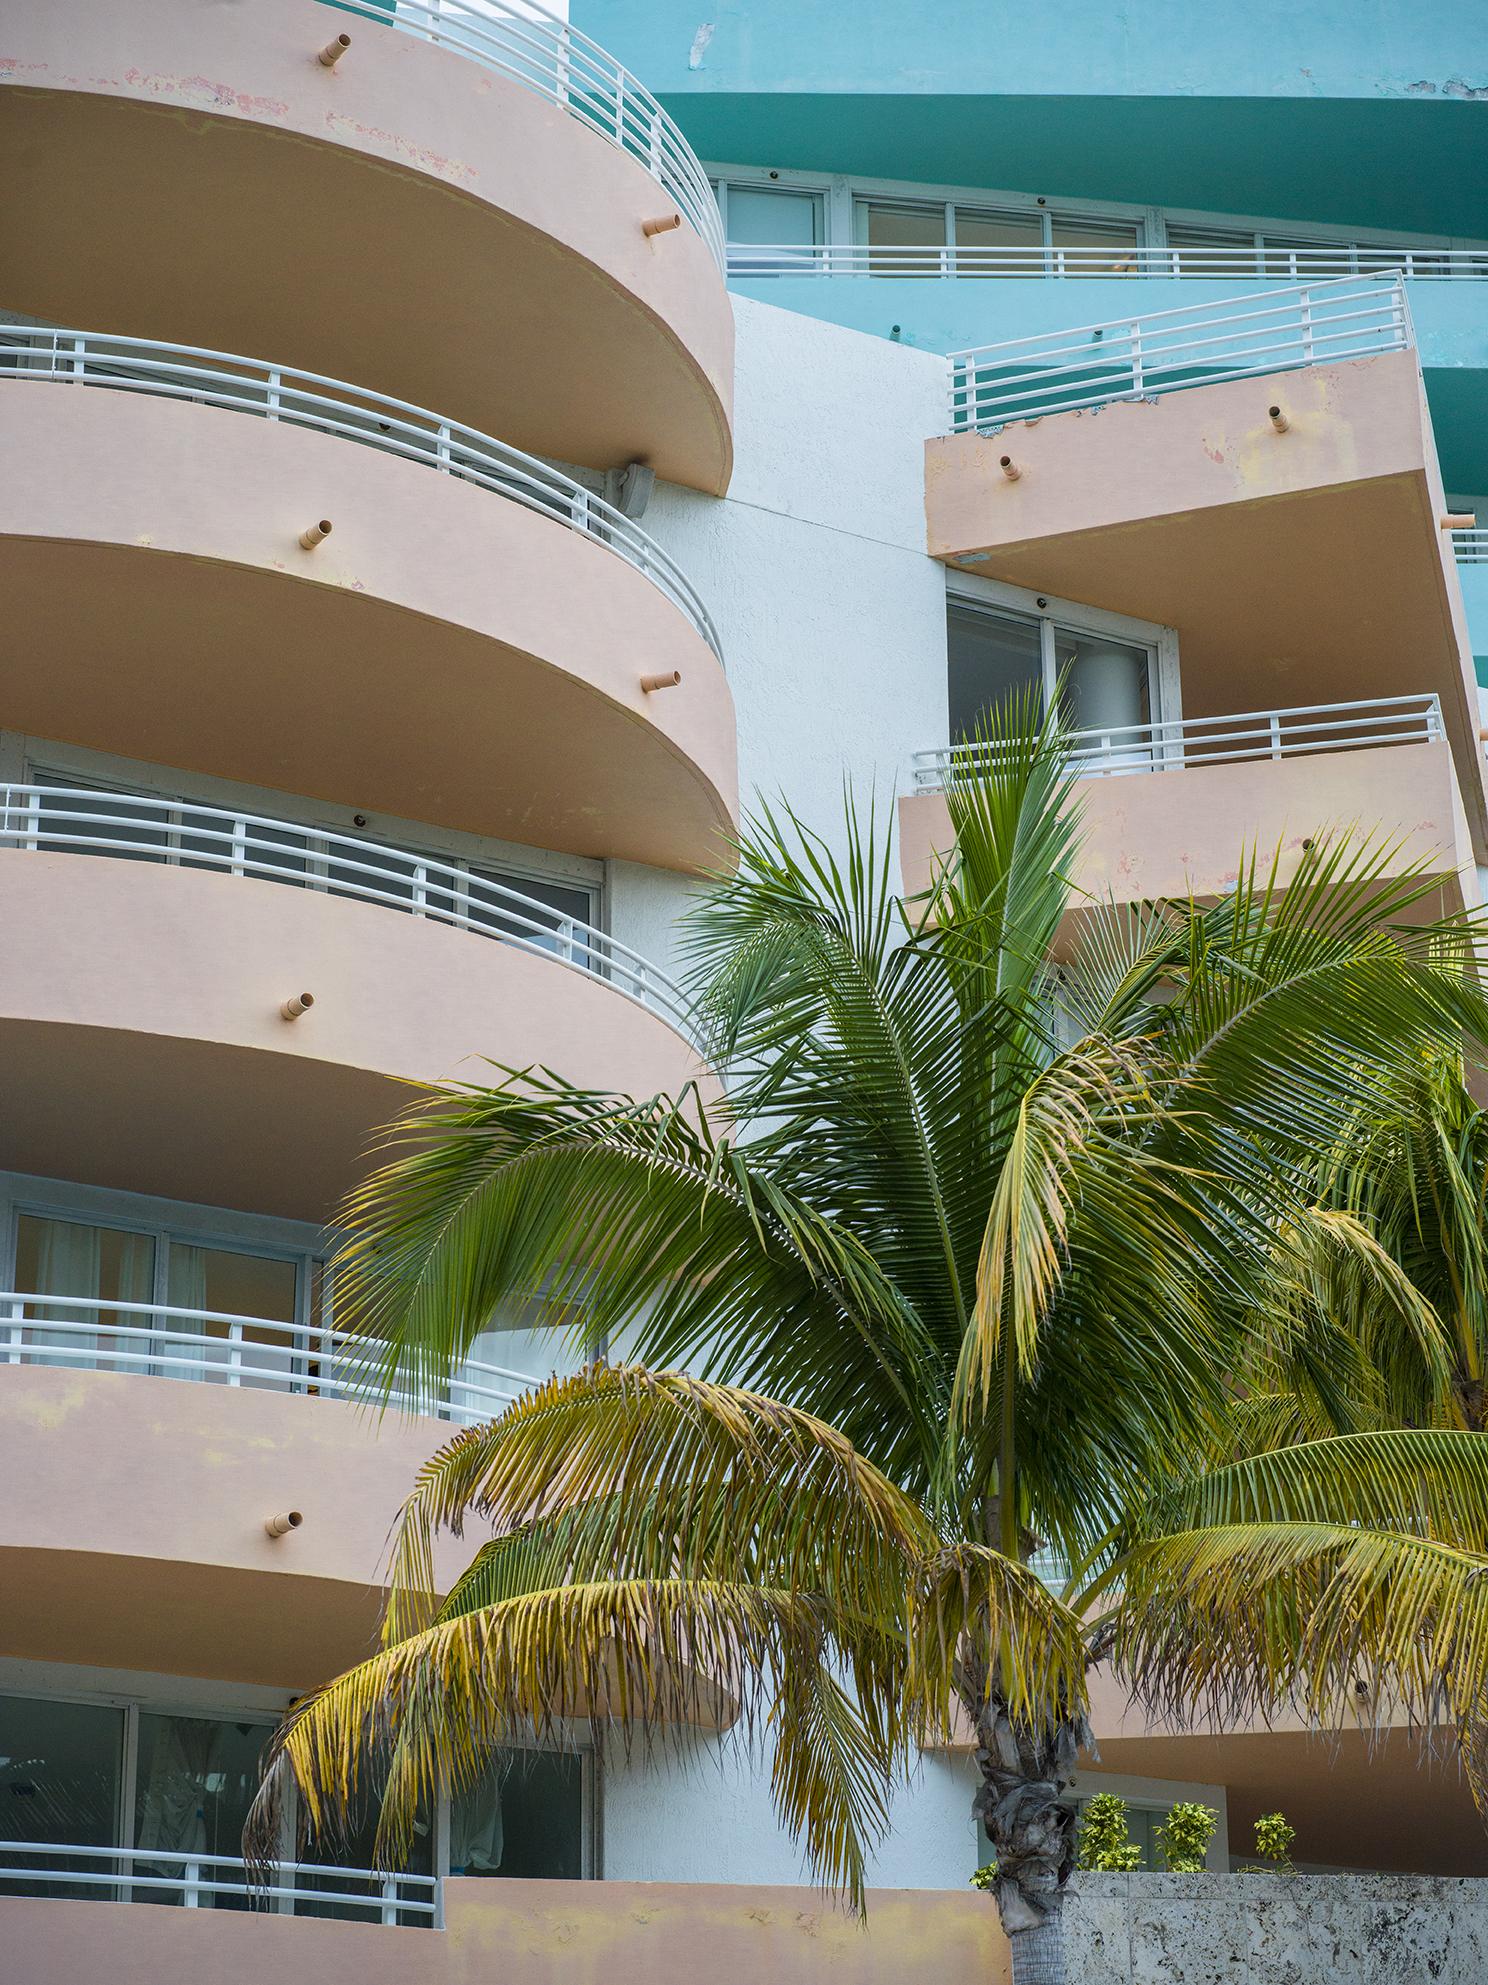 Miami Beach, Florida. December 2018.